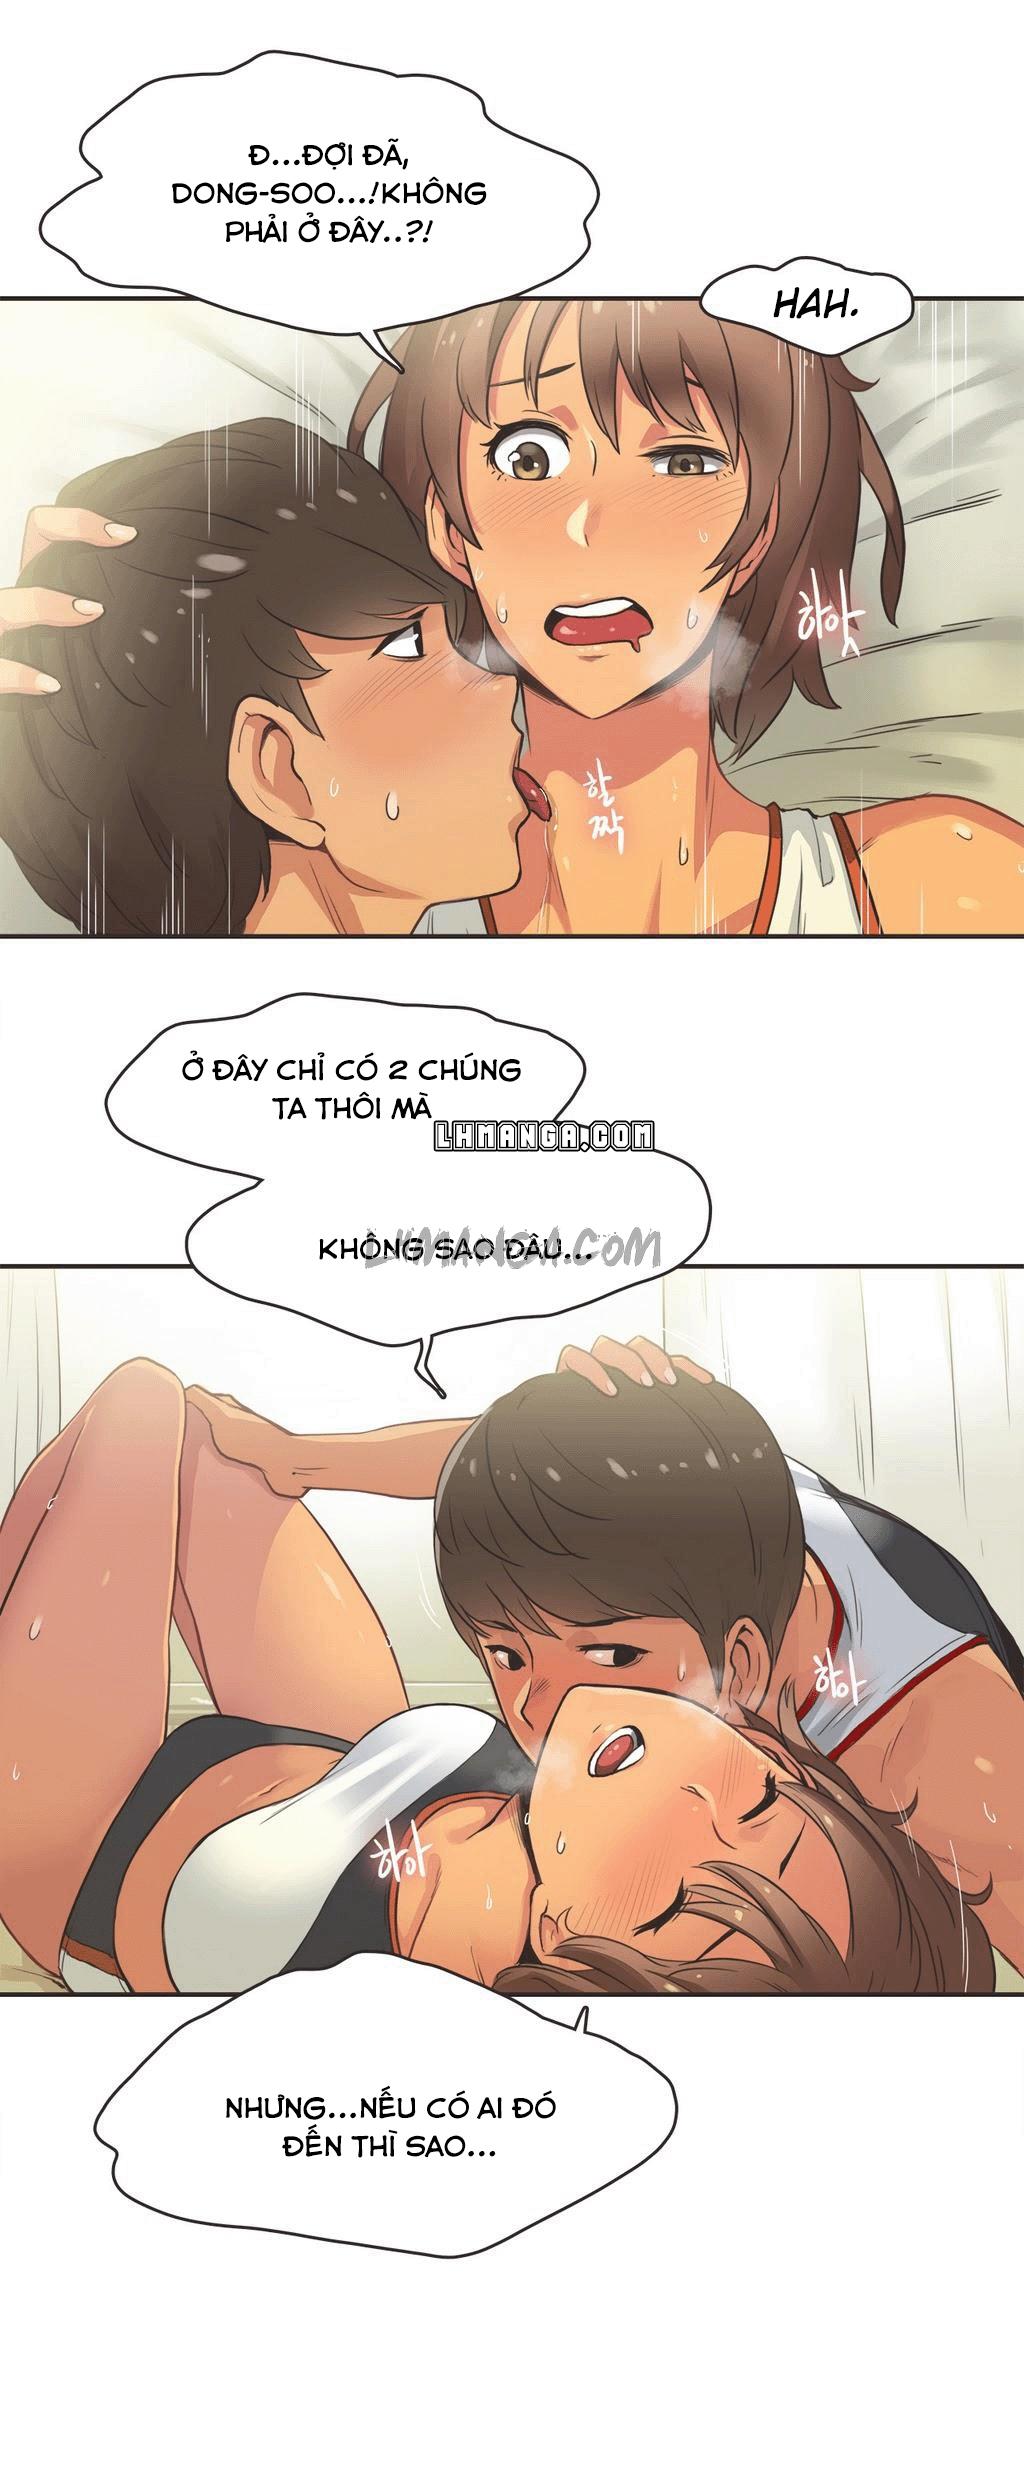 Hình ảnh HINH_00009 in Sports Girl - Gái Thể Thao